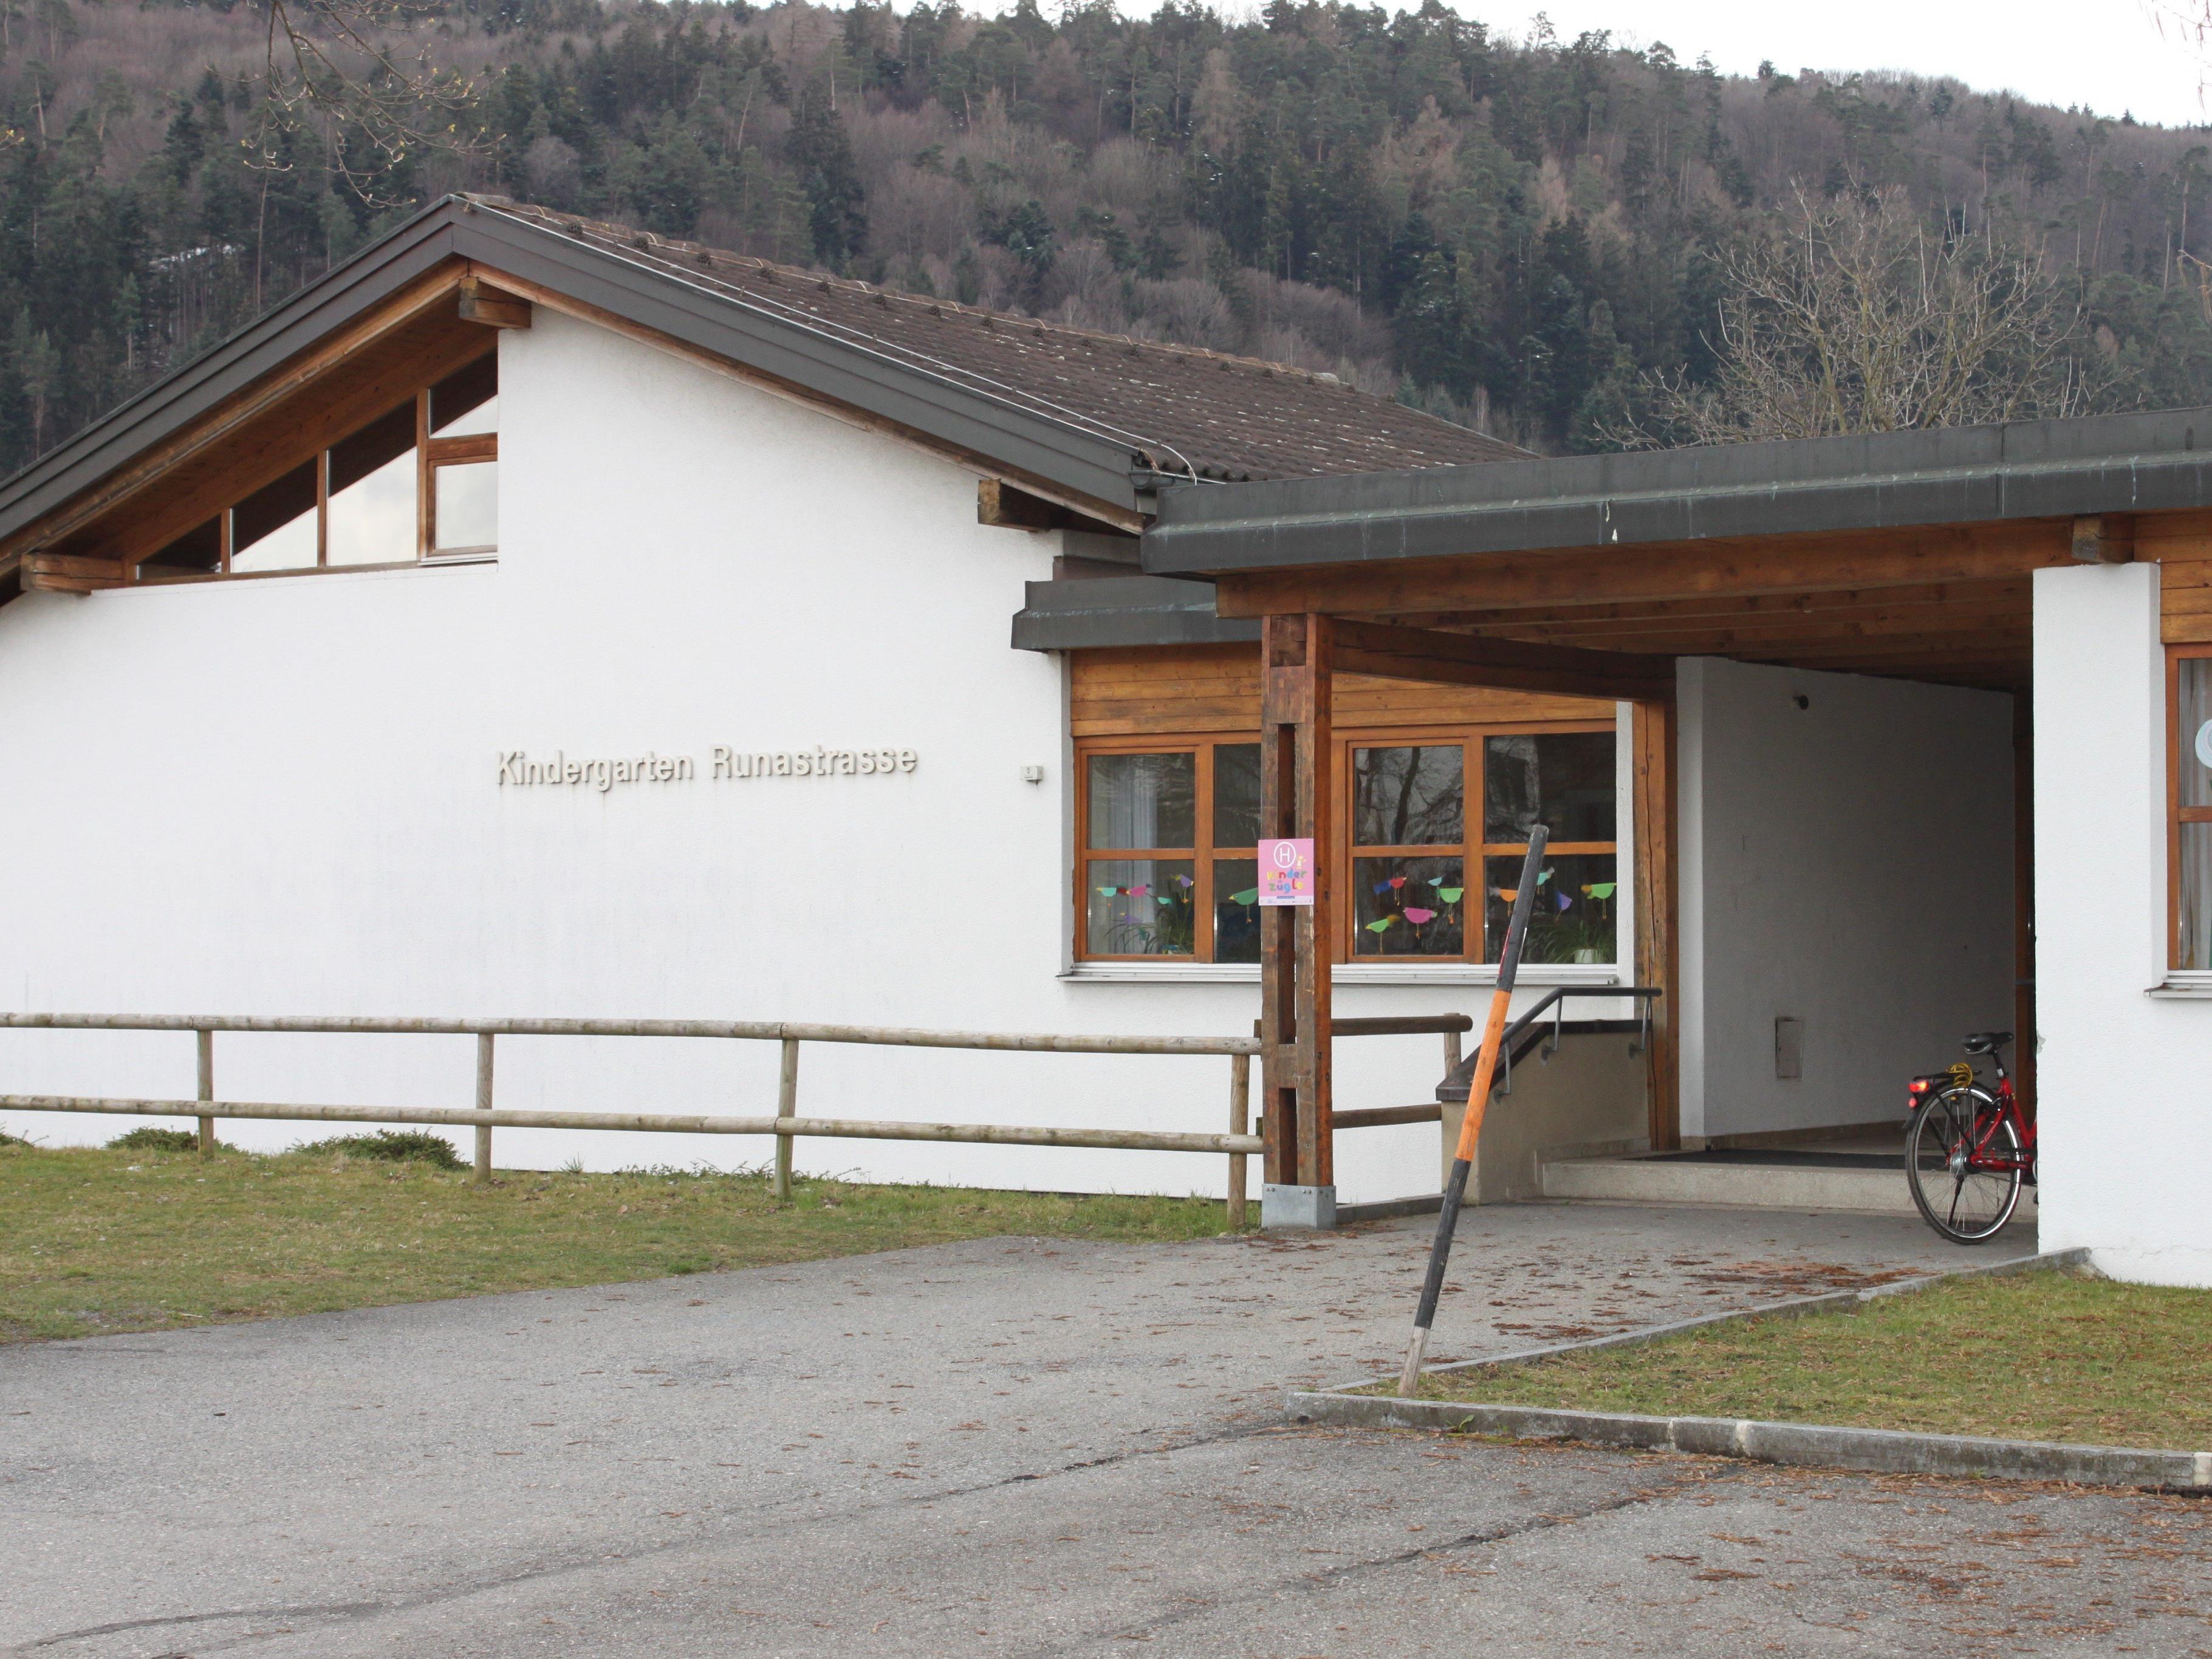 Kindergarten Gisingen-Runastraße